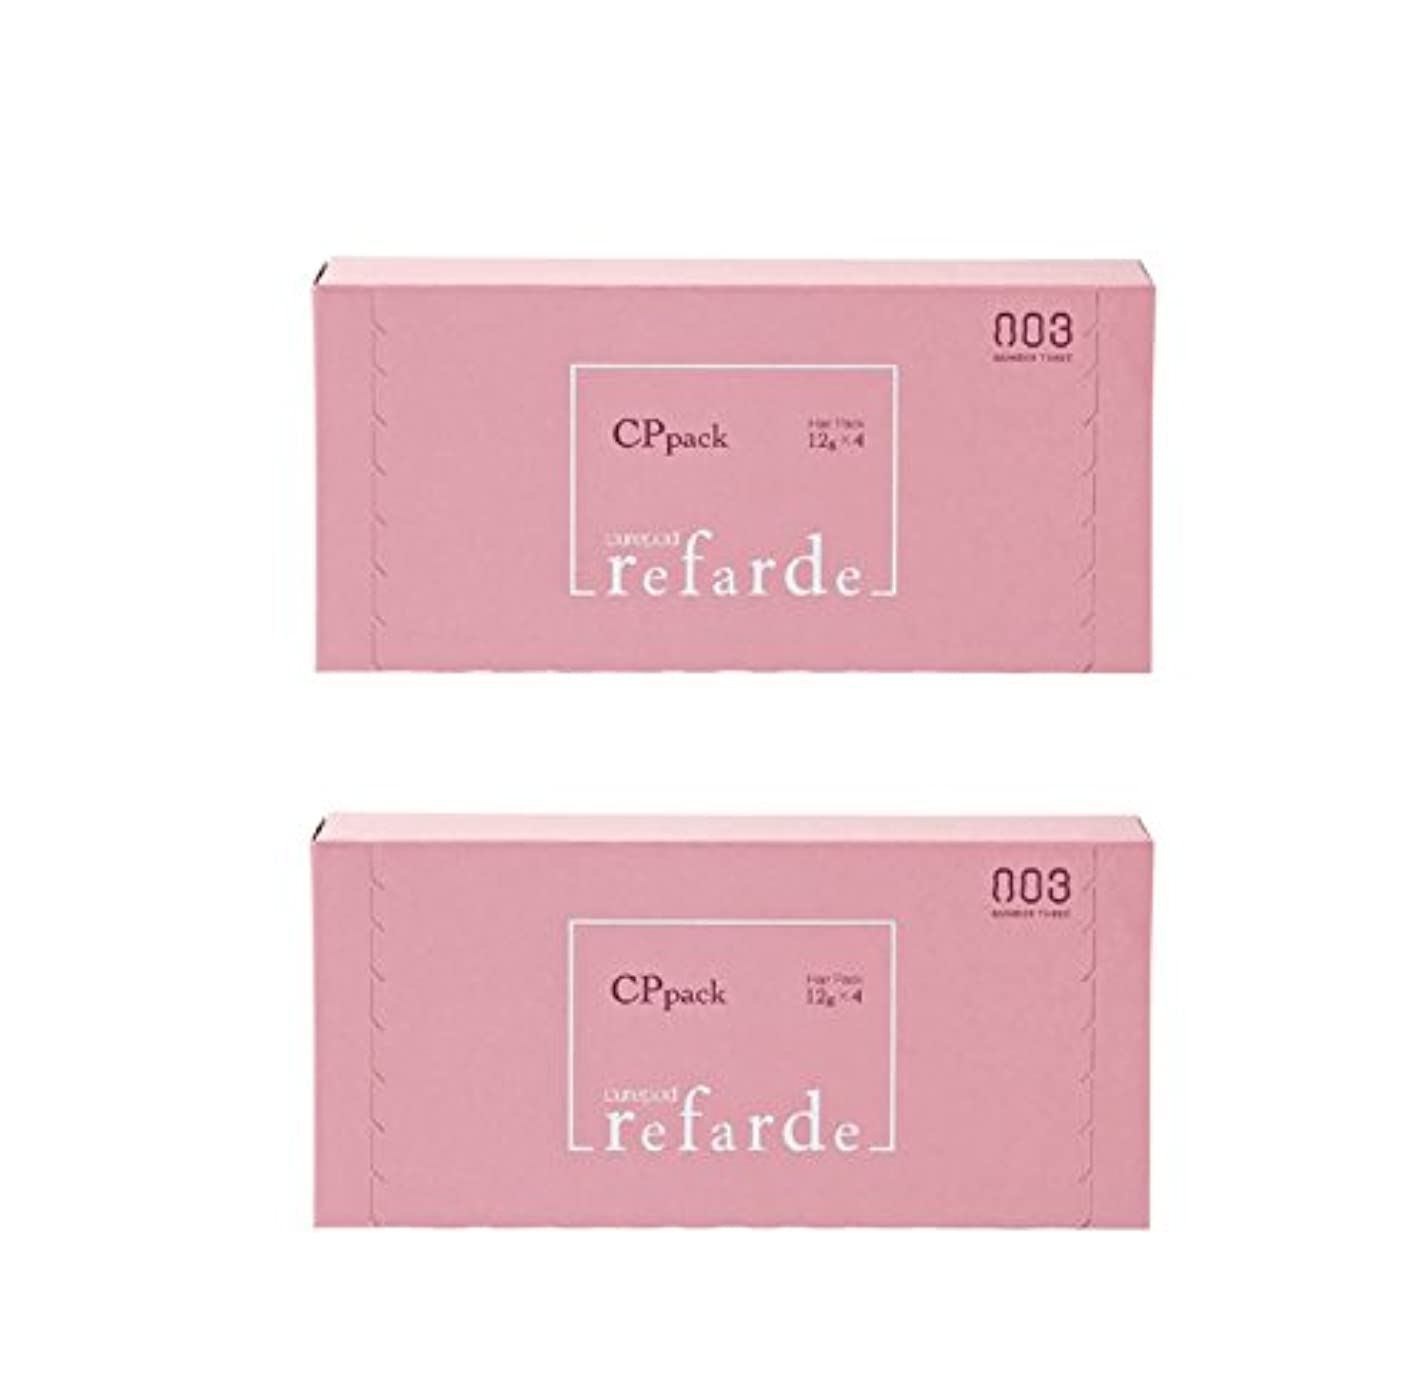 お酒シールド挑む【X2個セット】 ナンバースリー ルファルデ CPパック 12g×4包